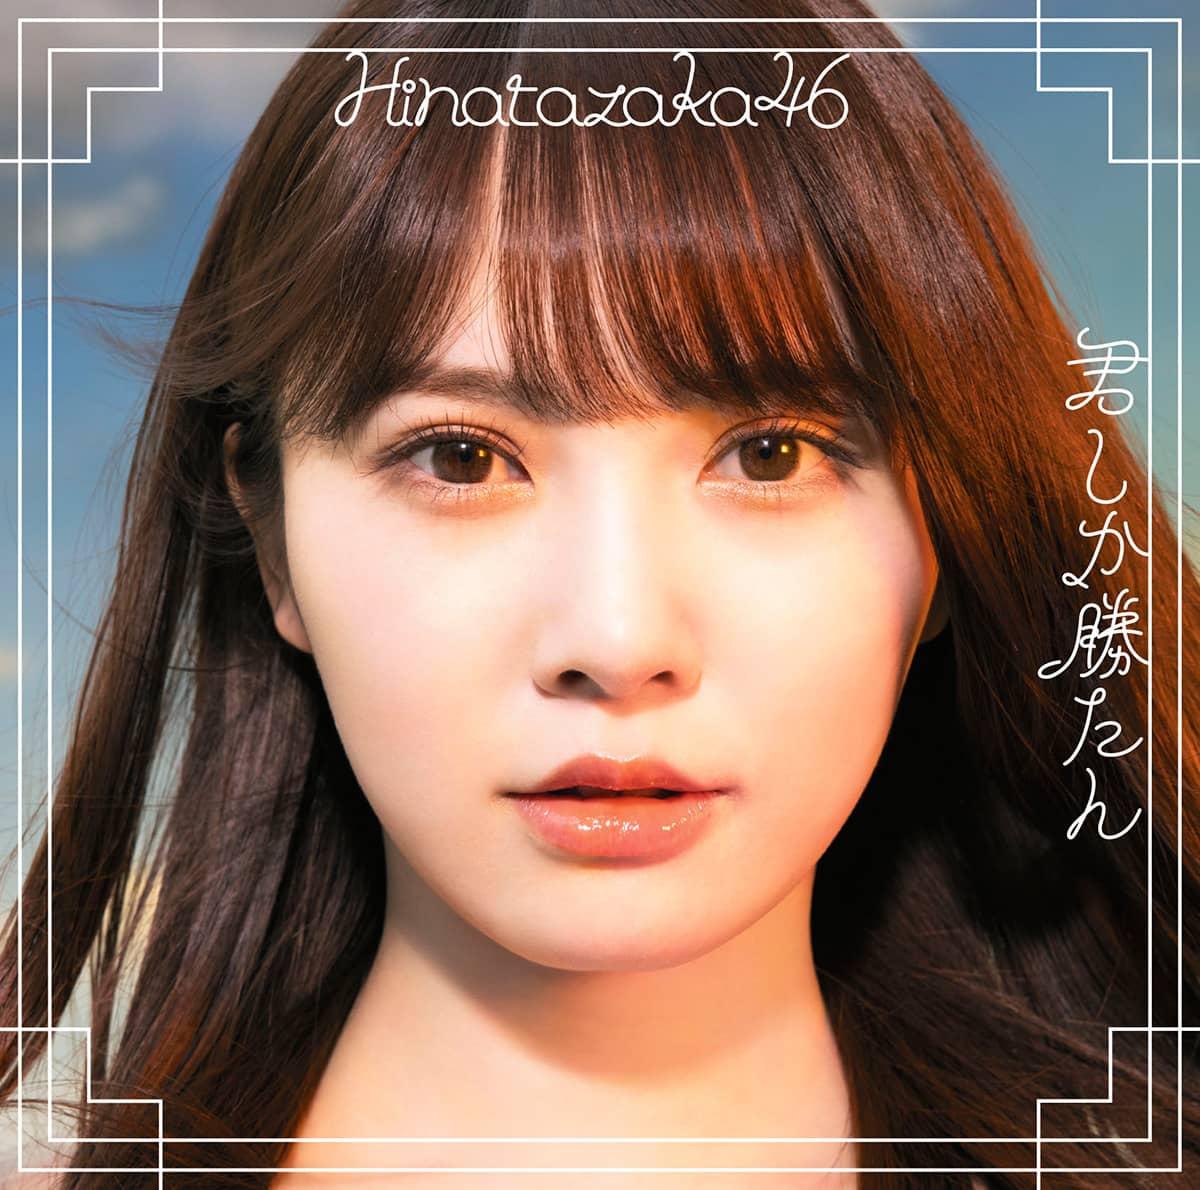 日向坂46 5thシングル「君しか勝たん」